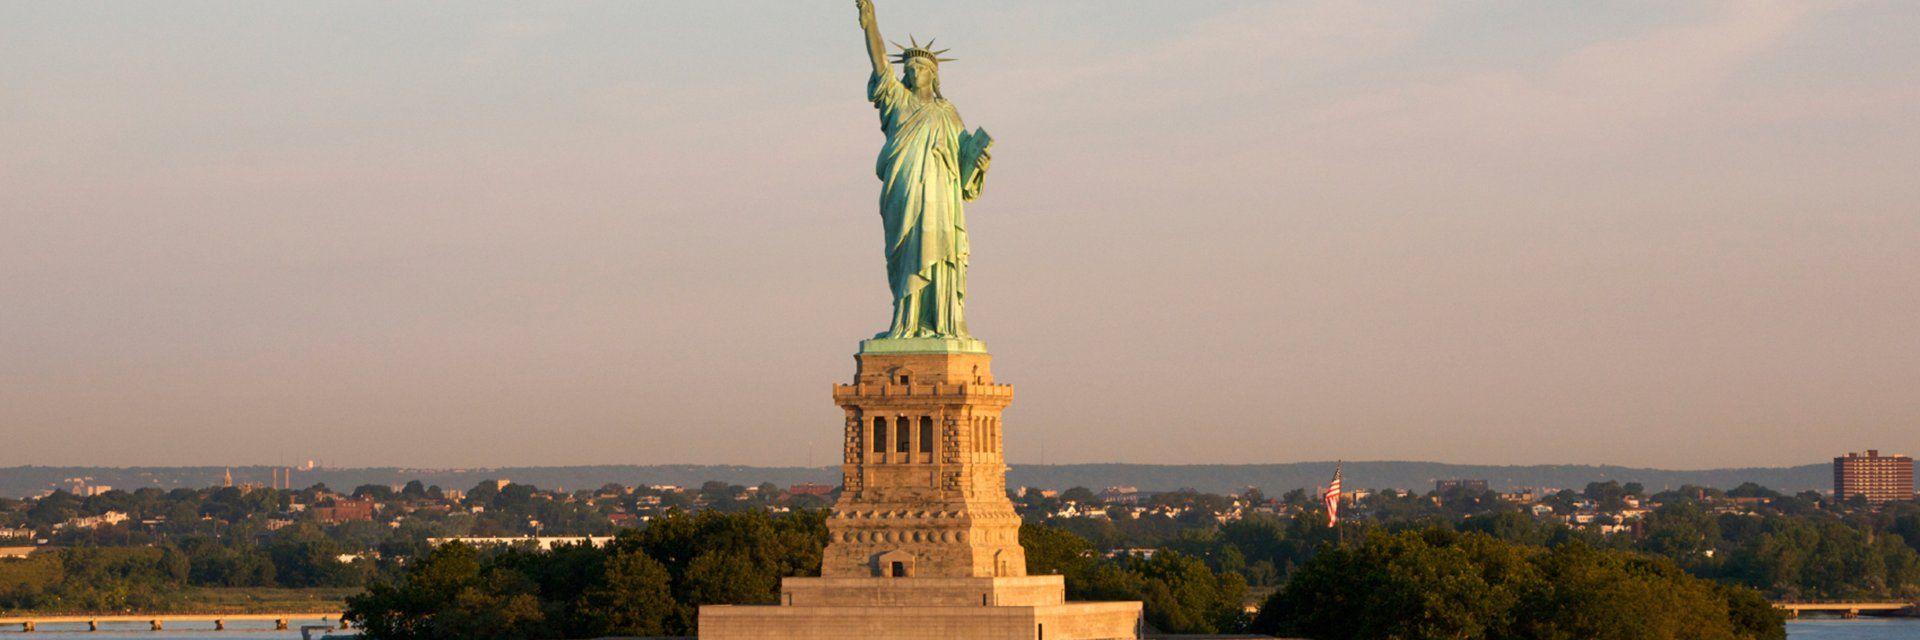 Croisière dans les Caraïbes du Sud au départ de New York